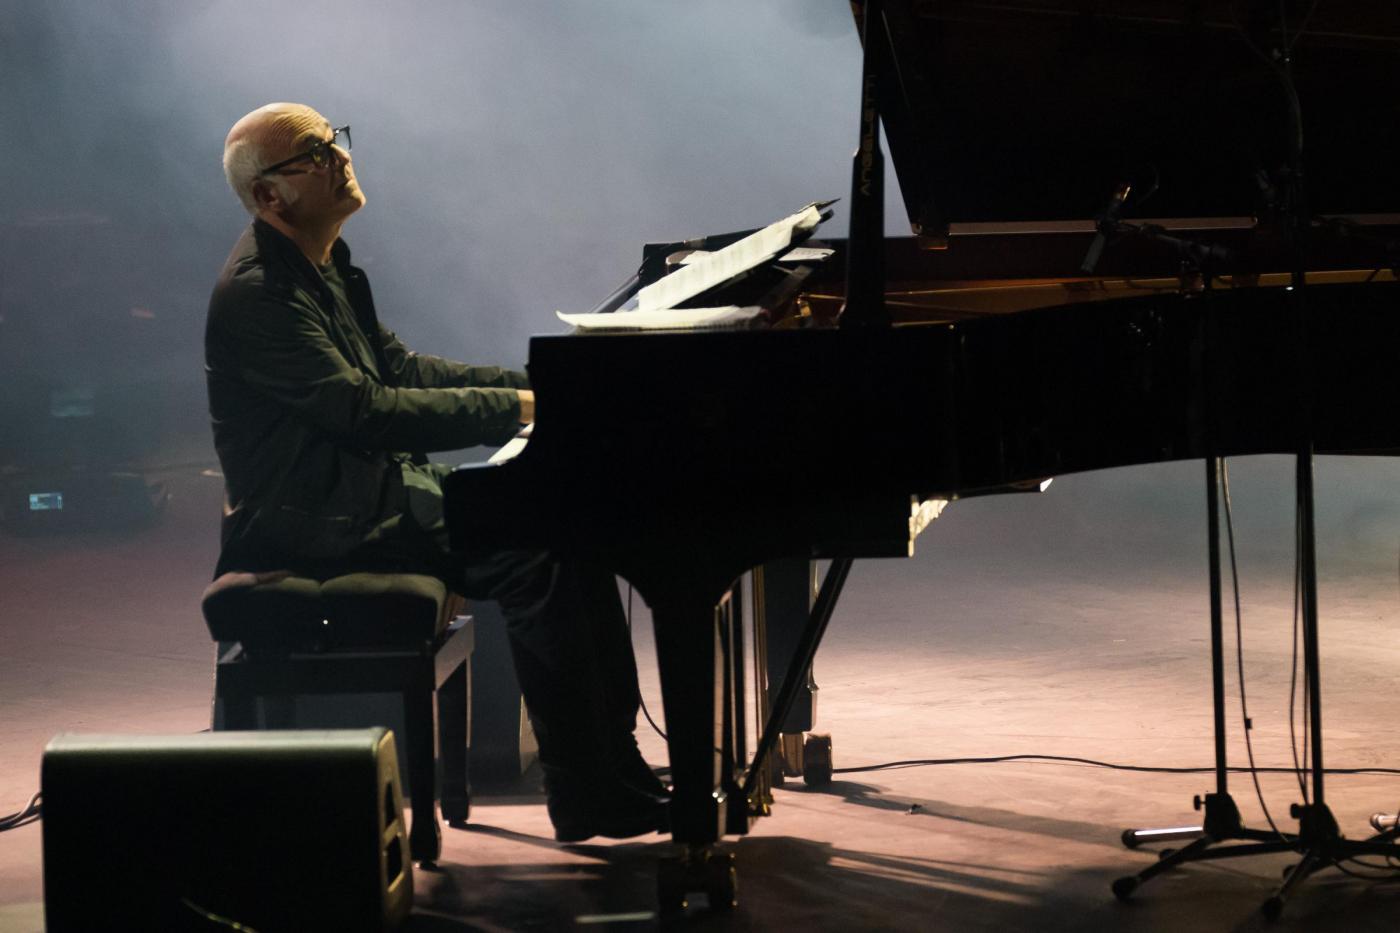 Pianisti italiani famosi, dai classici ai contemporanei